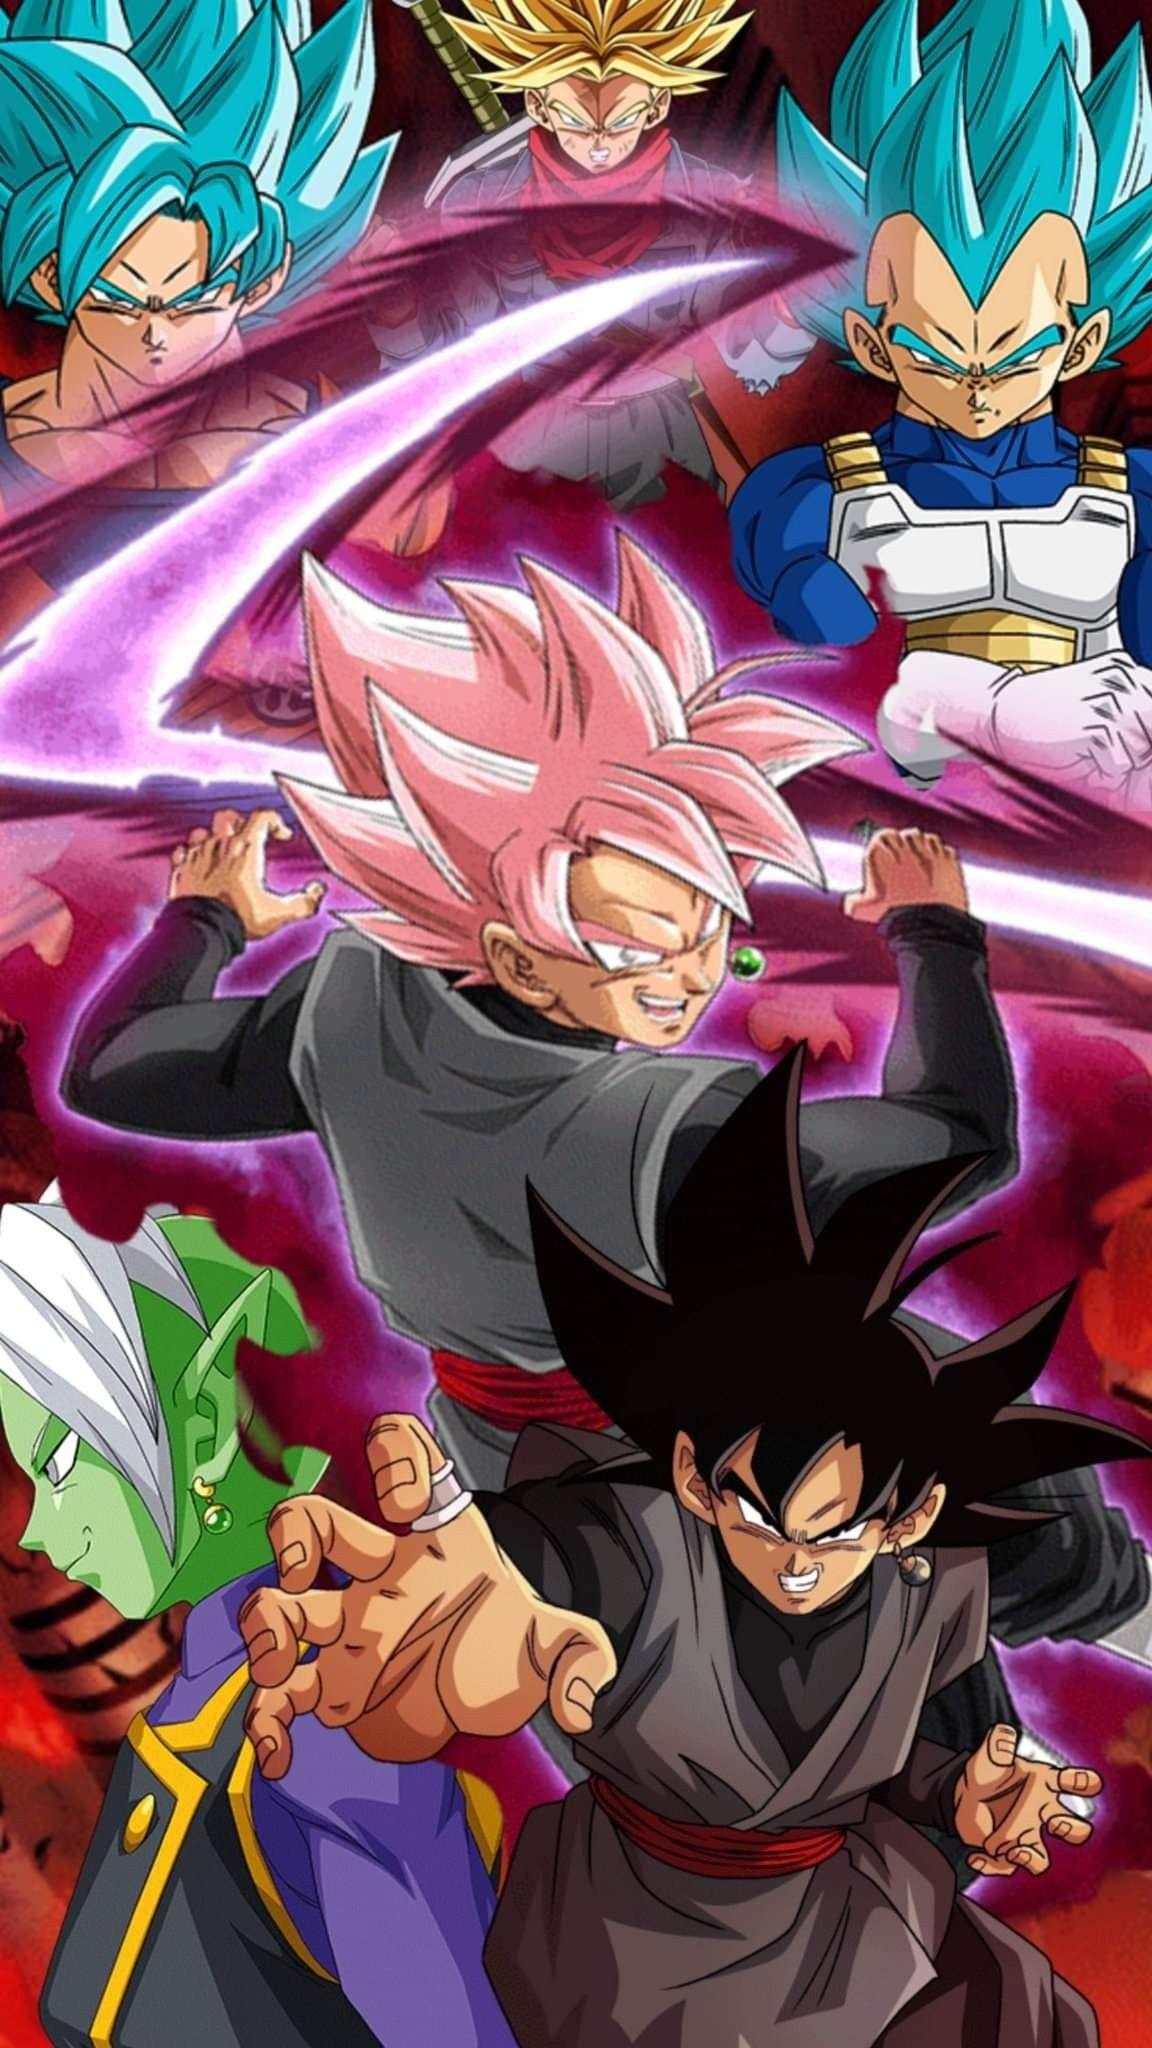 Pin De Igor Avellar Vasconcelos Em Dragon Ball Z Super Gt Anime